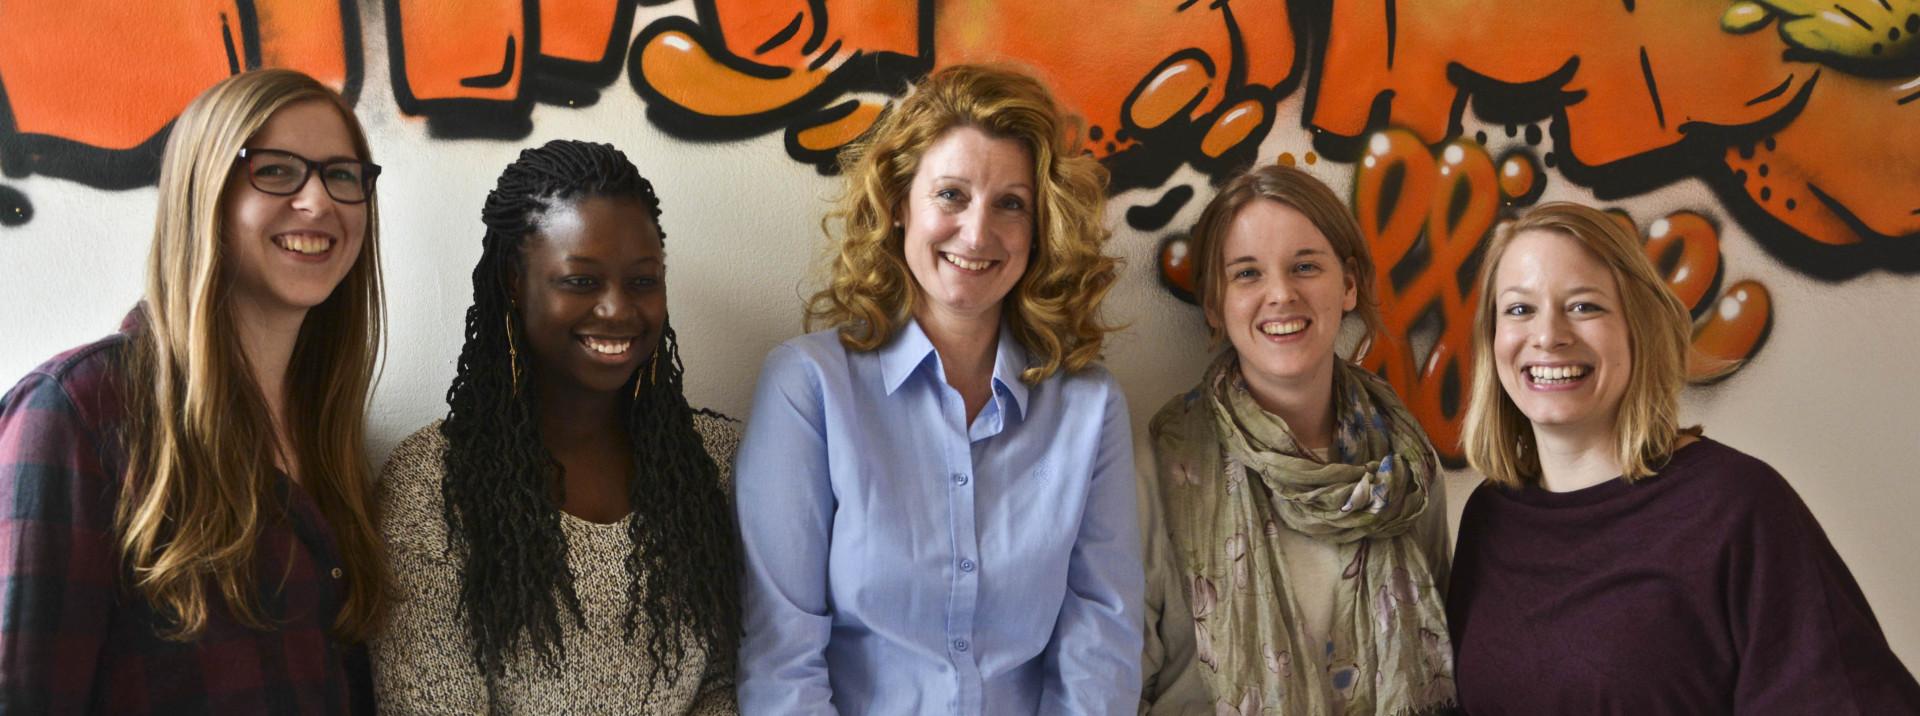 Unsere Powerfrauen: Ein Blick hinter die Kulissen